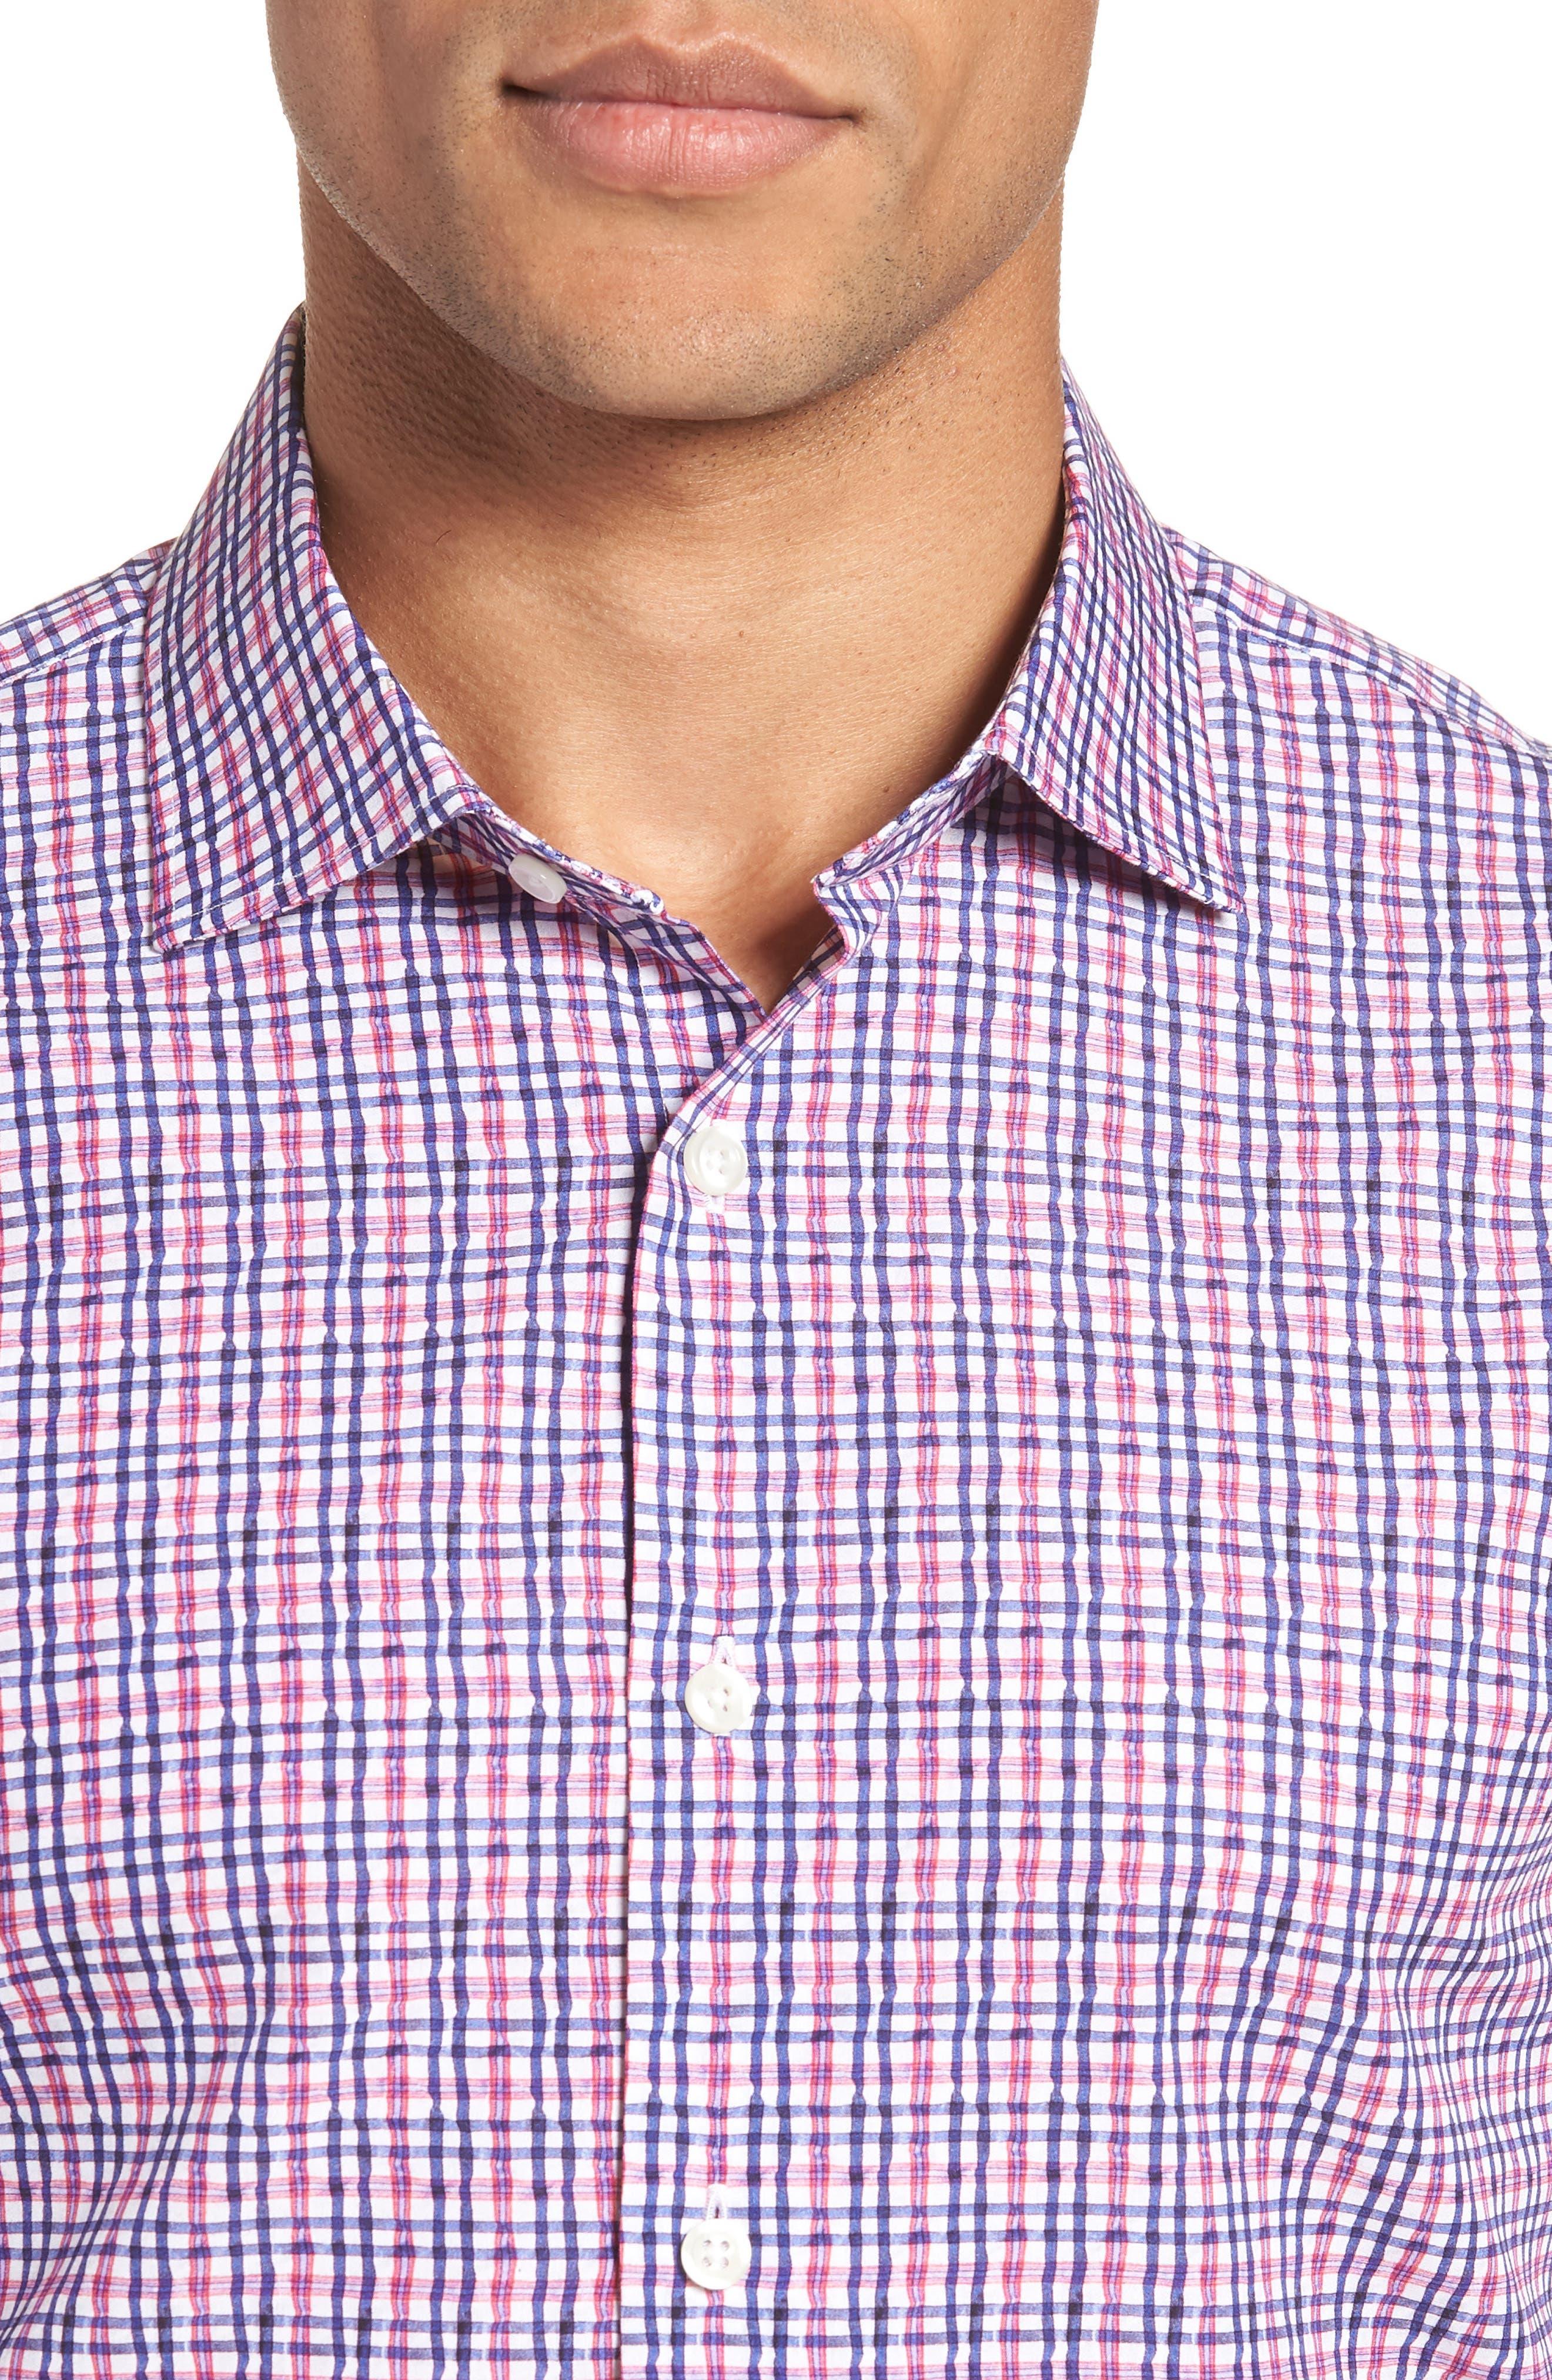 Trim Fit Plaid Dress Shirt,                             Alternate thumbnail 2, color,                             660